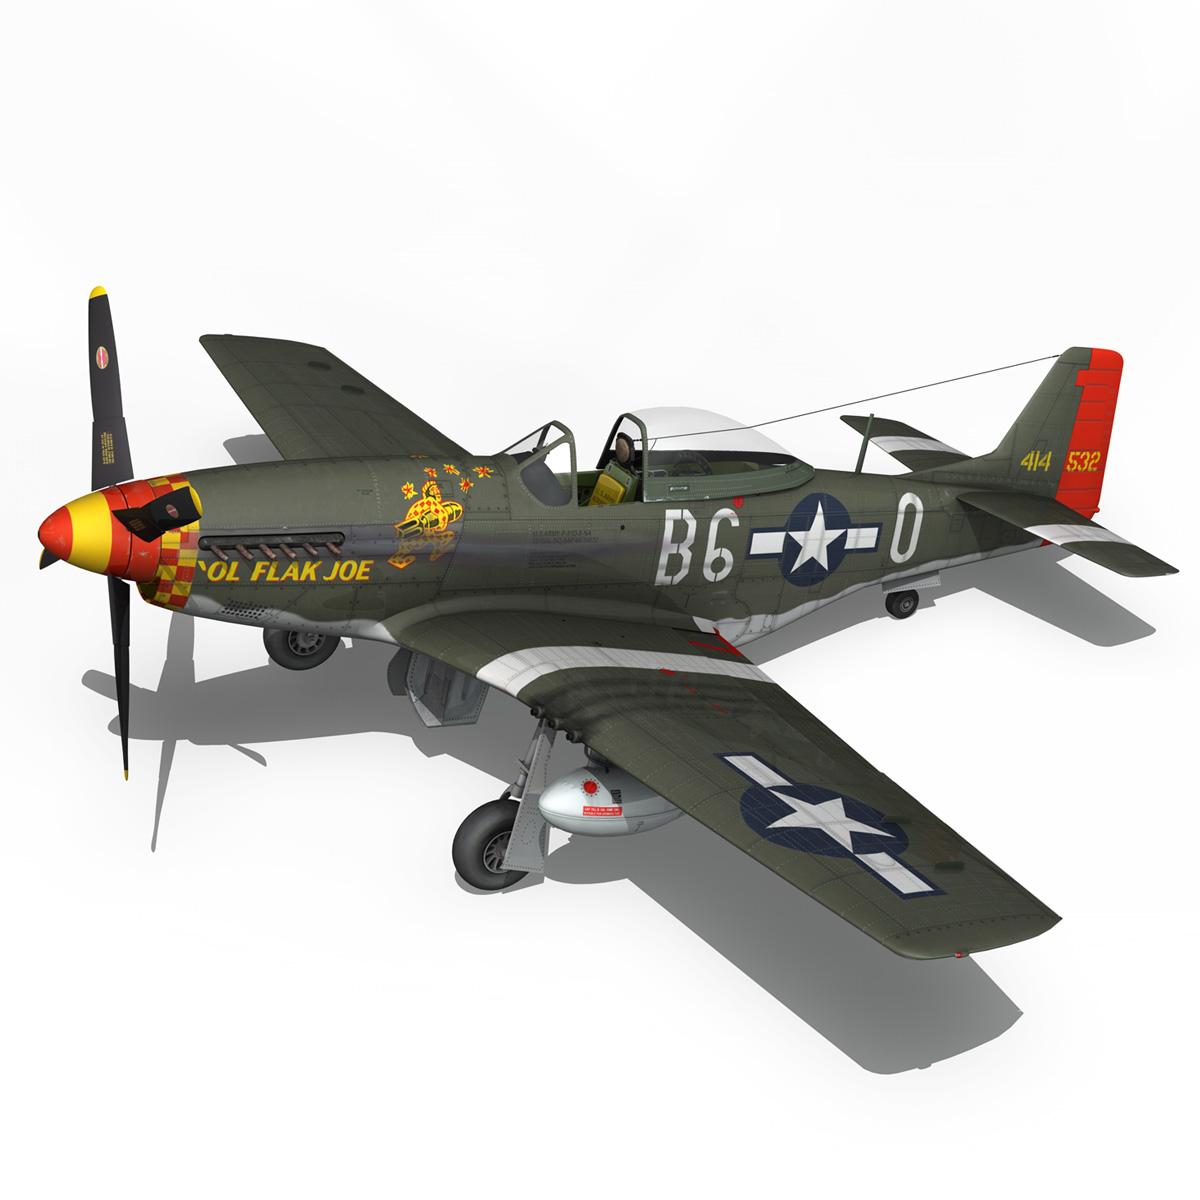 north american p-51d – ol flak joe 3d model 3ds fbx c4d lwo obj 280110